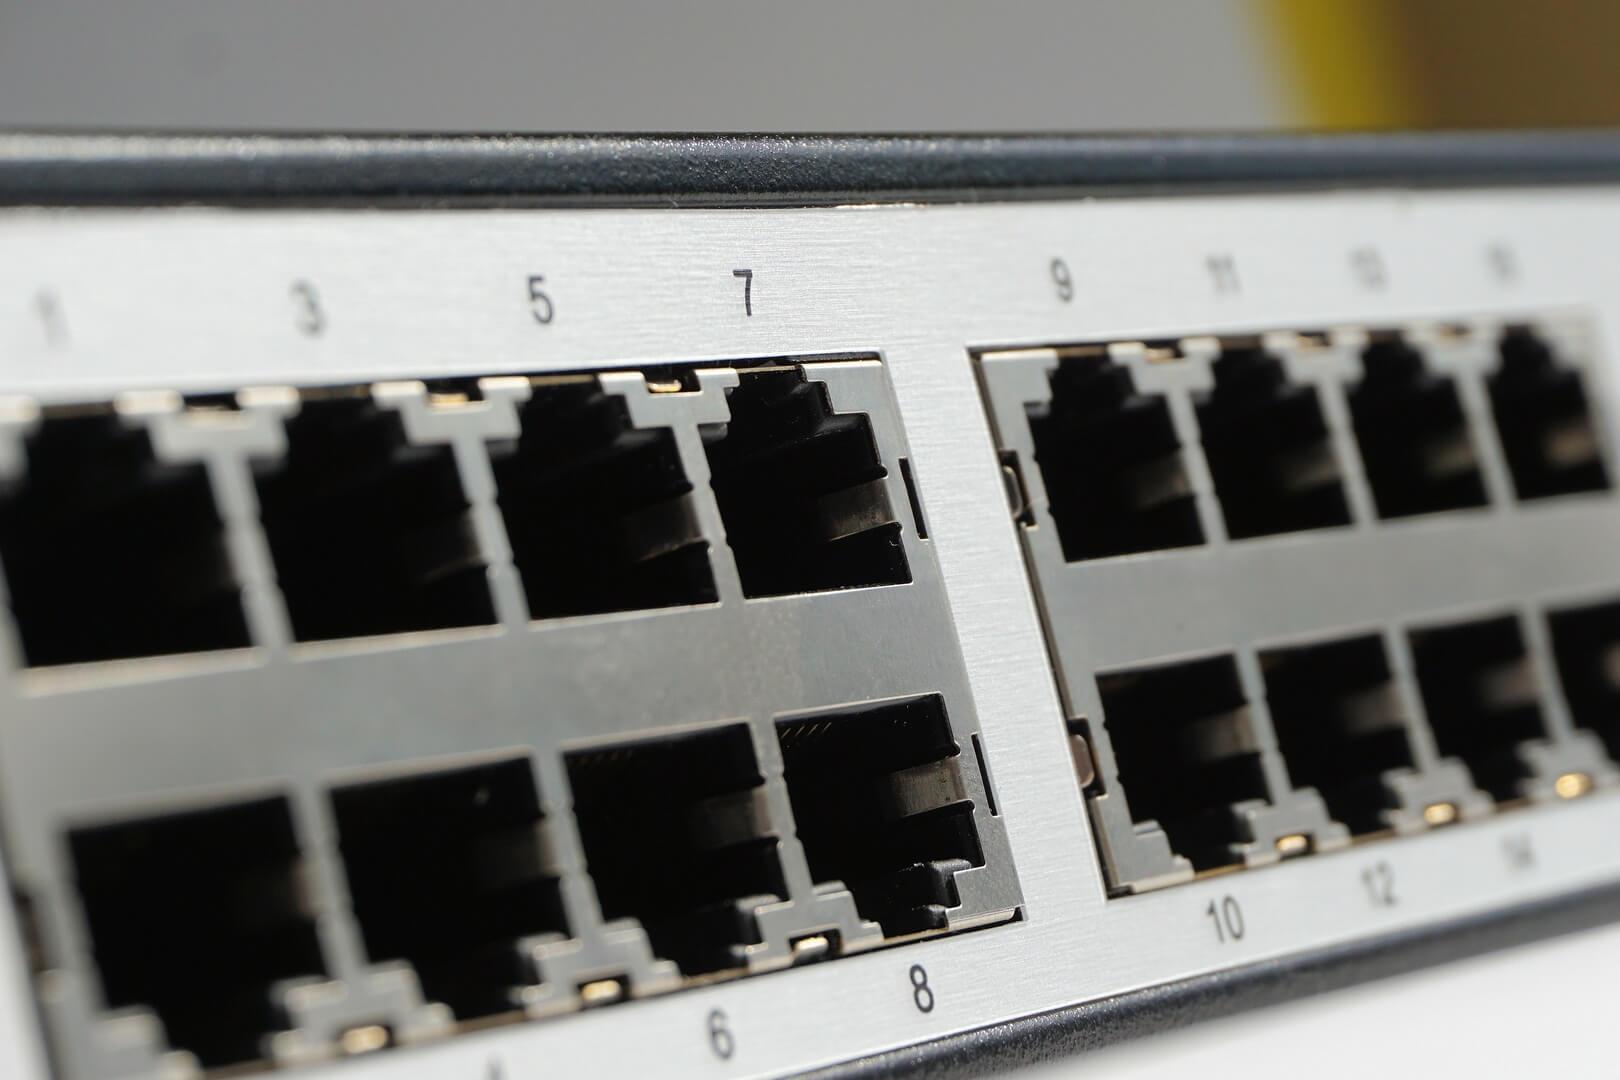 Wat is het verschil tussen een modem en router?